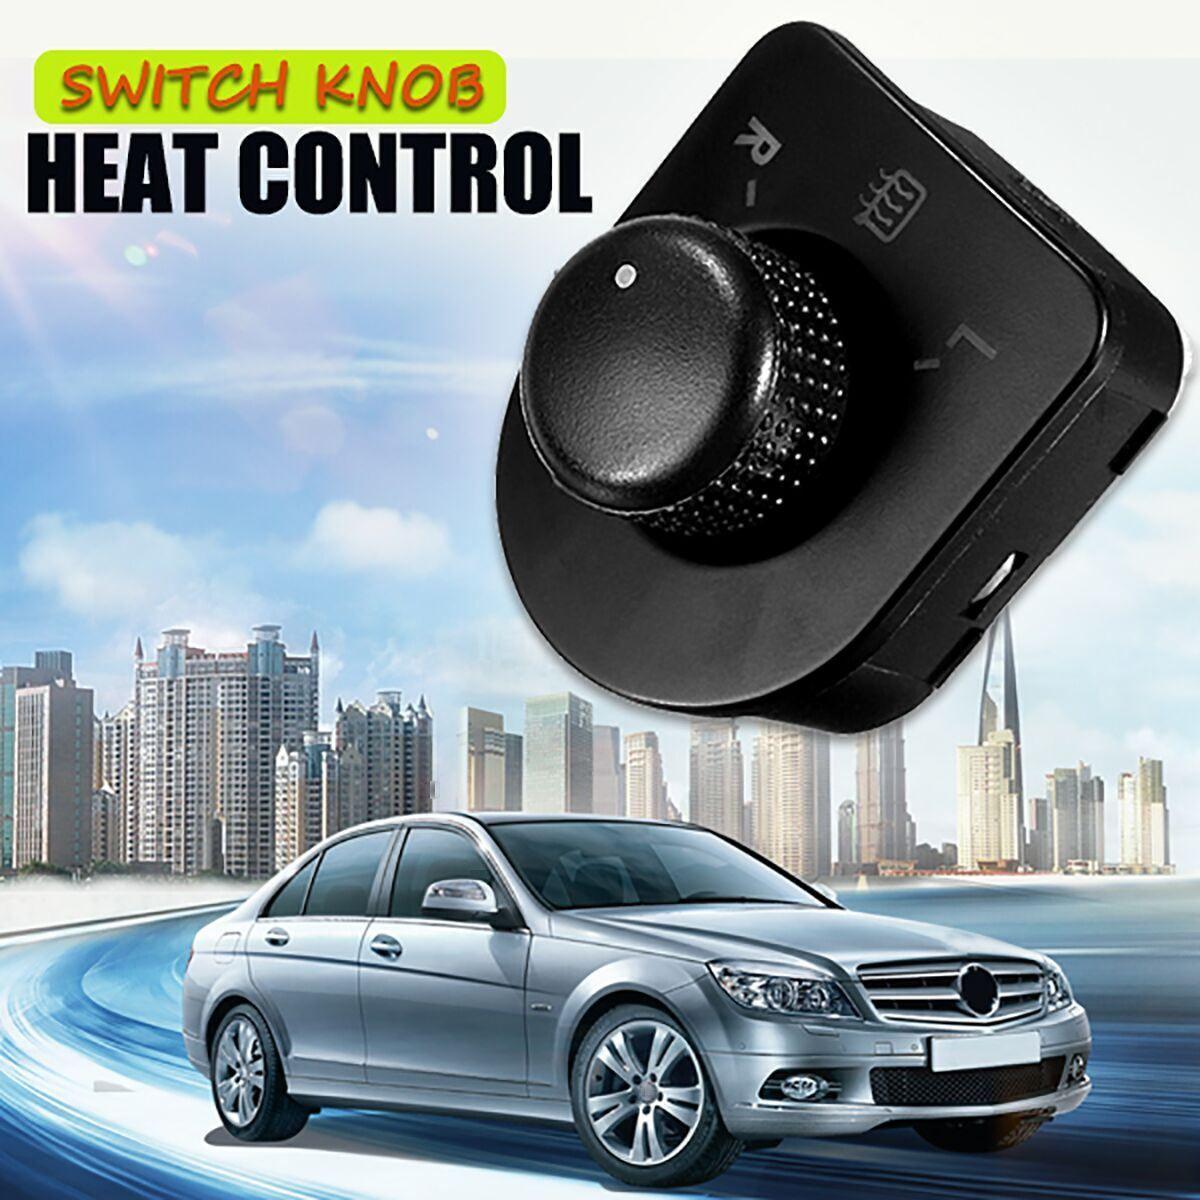 Auto Seite Spiegel Switch Knob Heat Control Für VW Beetle Passat B5 Jetta Golf MK4 GTI/R32 1998- 2006 J19595650